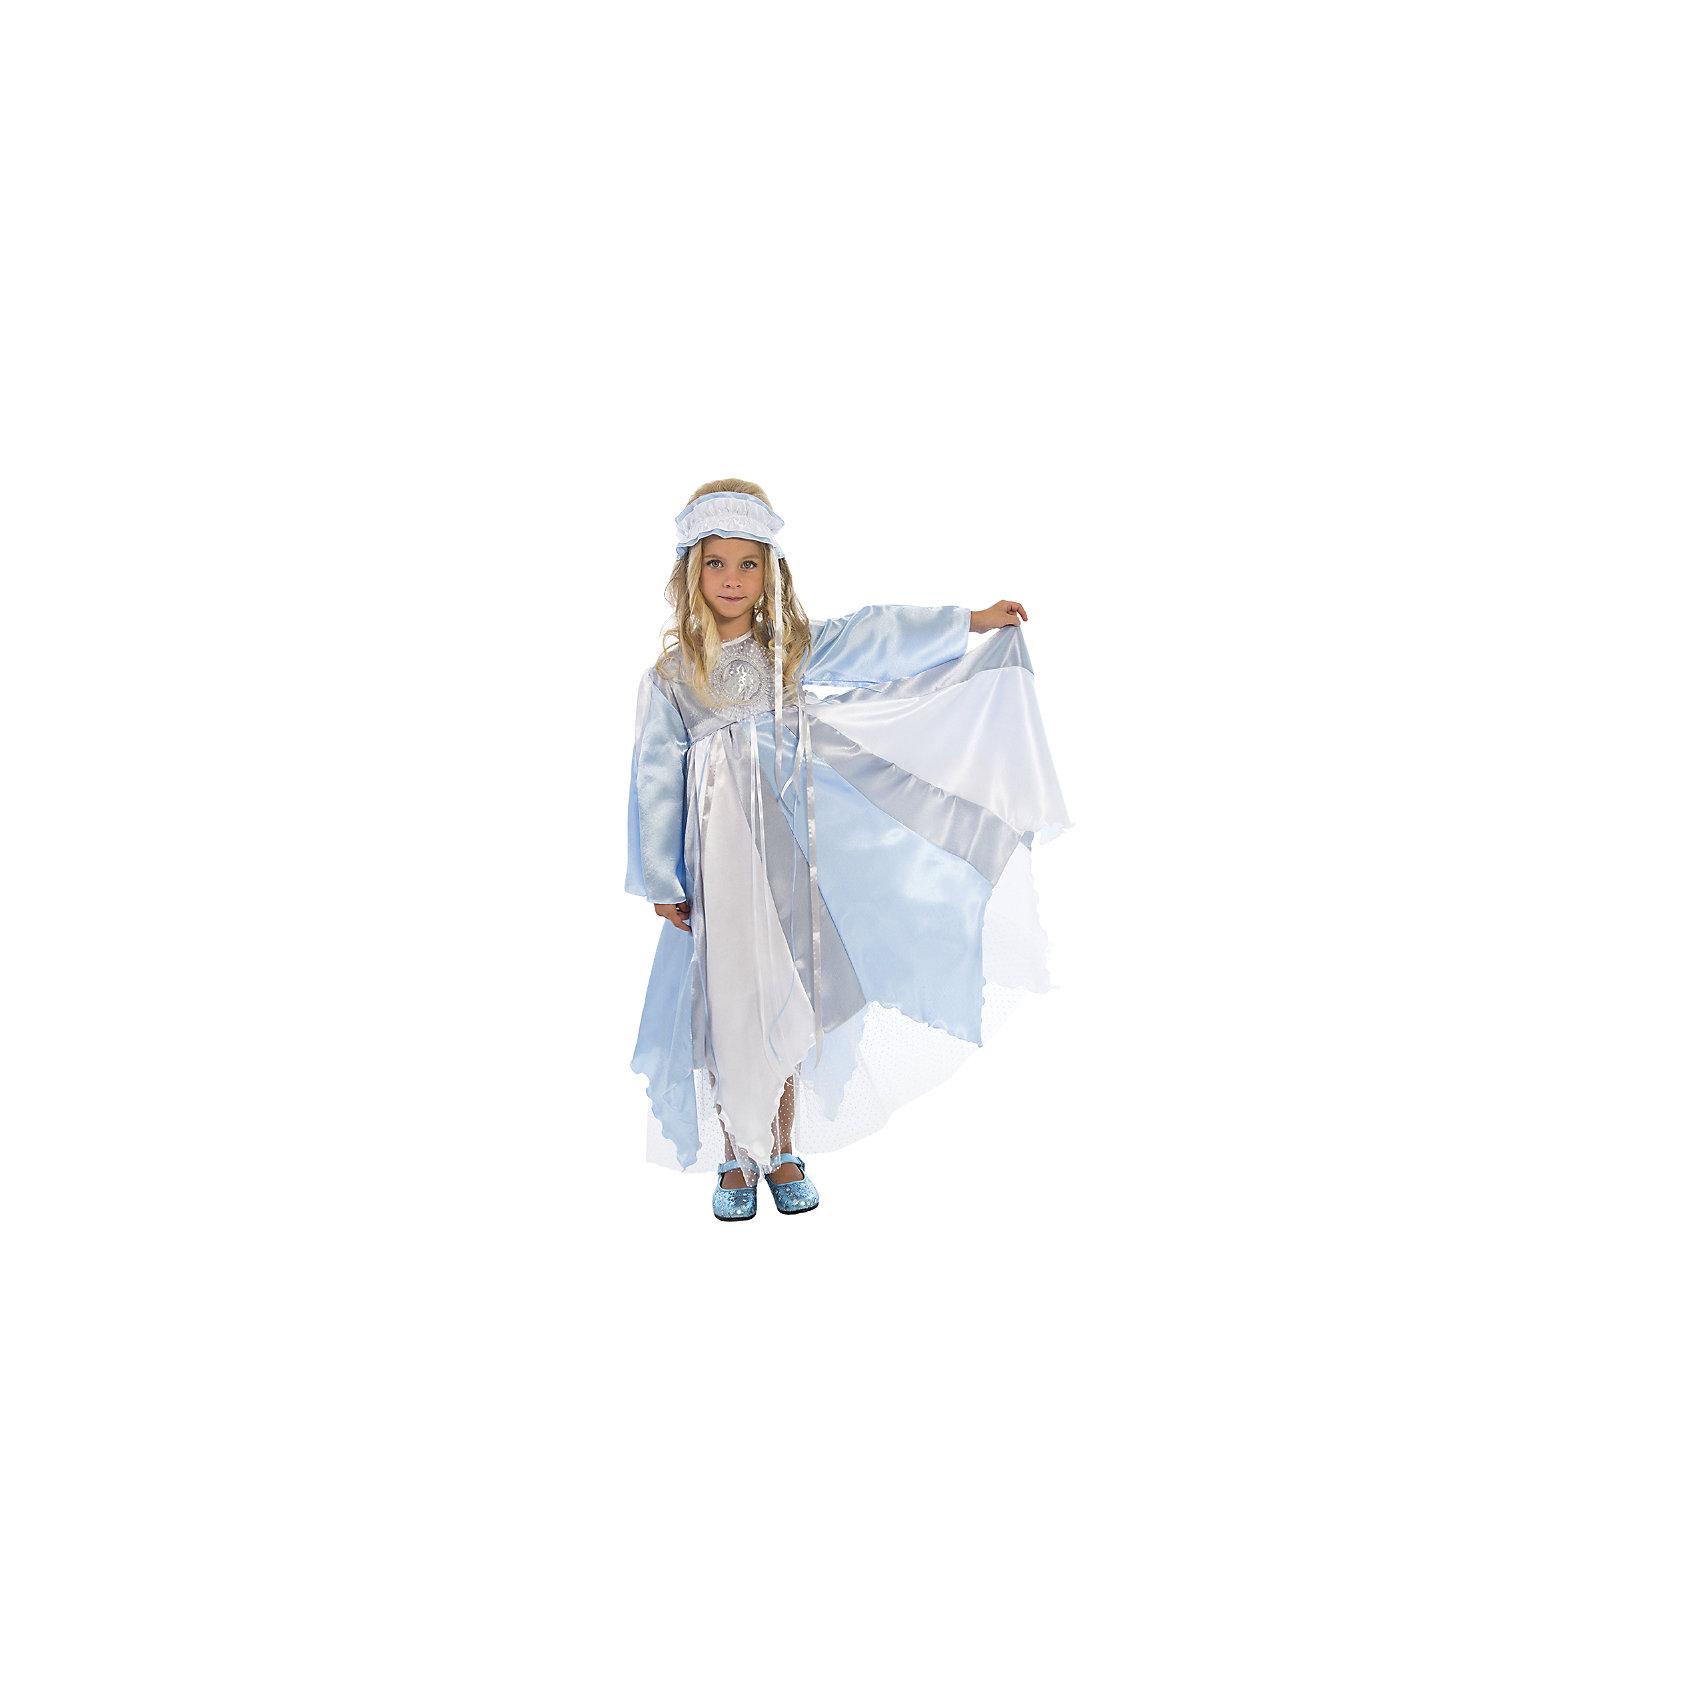 Карнавальный костюм Зима, ВестификаДля девочек<br>Карнавальный костюм Зима, Вестифика. В комплект входит: Платье, повязка на голову.<br><br>Ширина мм: 450<br>Глубина мм: 80<br>Высота мм: 350<br>Вес г: 250<br>Цвет: разноцветный<br>Возраст от месяцев: 96<br>Возраст до месяцев: 108<br>Пол: Женский<br>Возраст: Детский<br>Размер: 128/134,116/122<br>SKU: 5033383